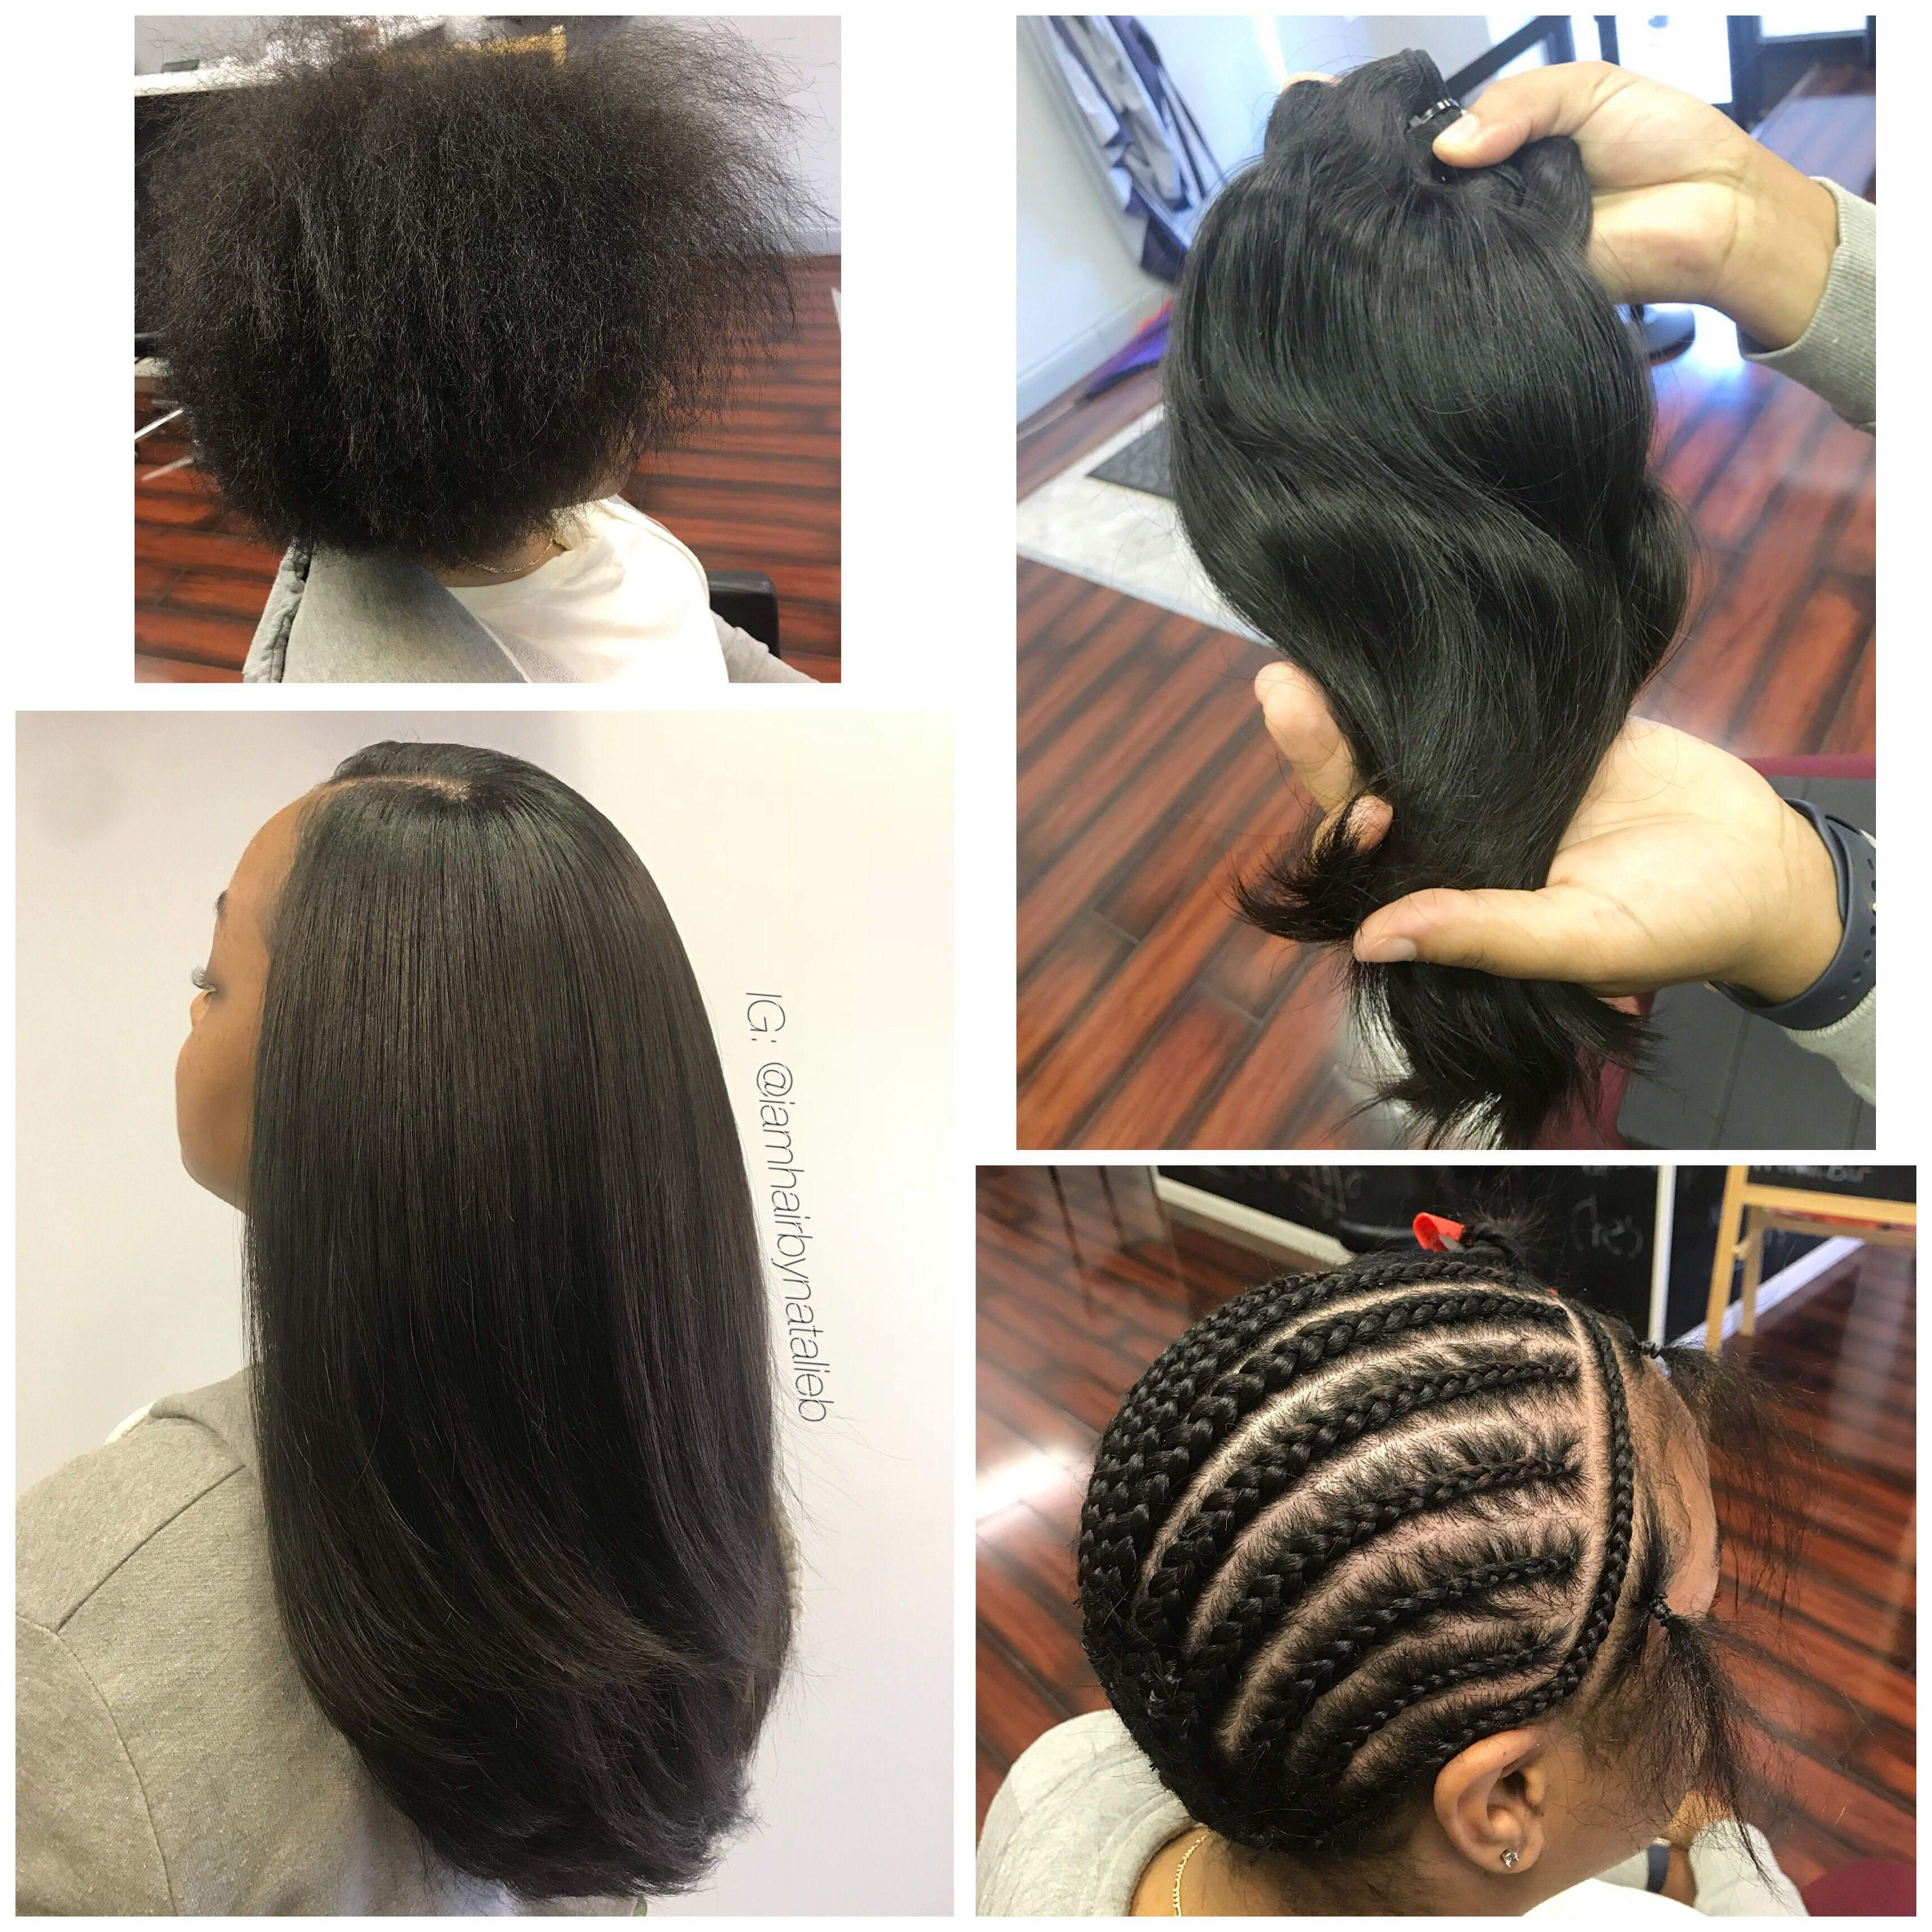 20+ Full head weave sew in styles trends